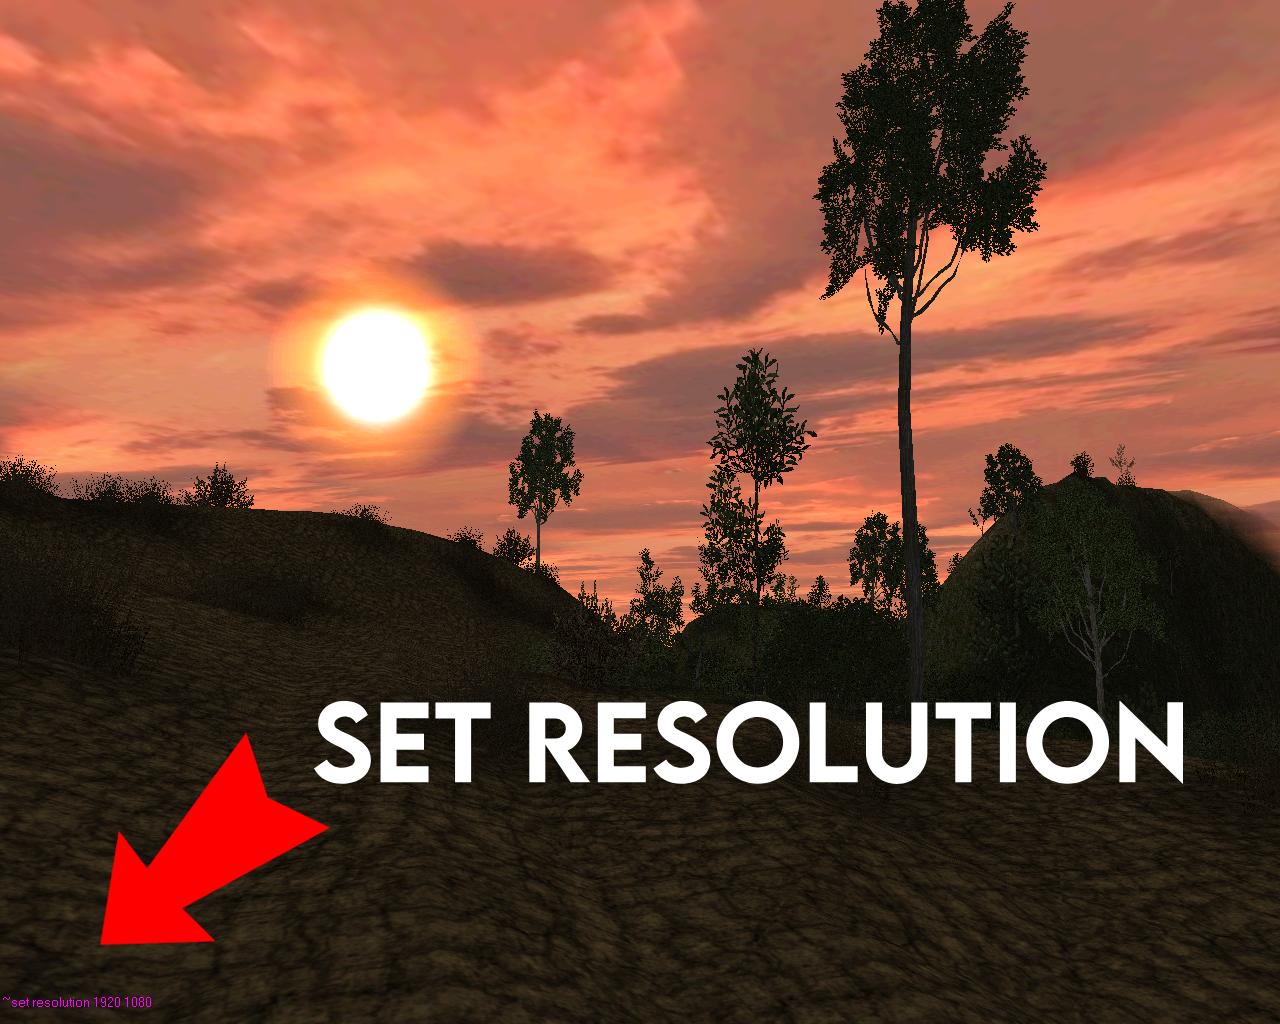 SET RESOLUTION